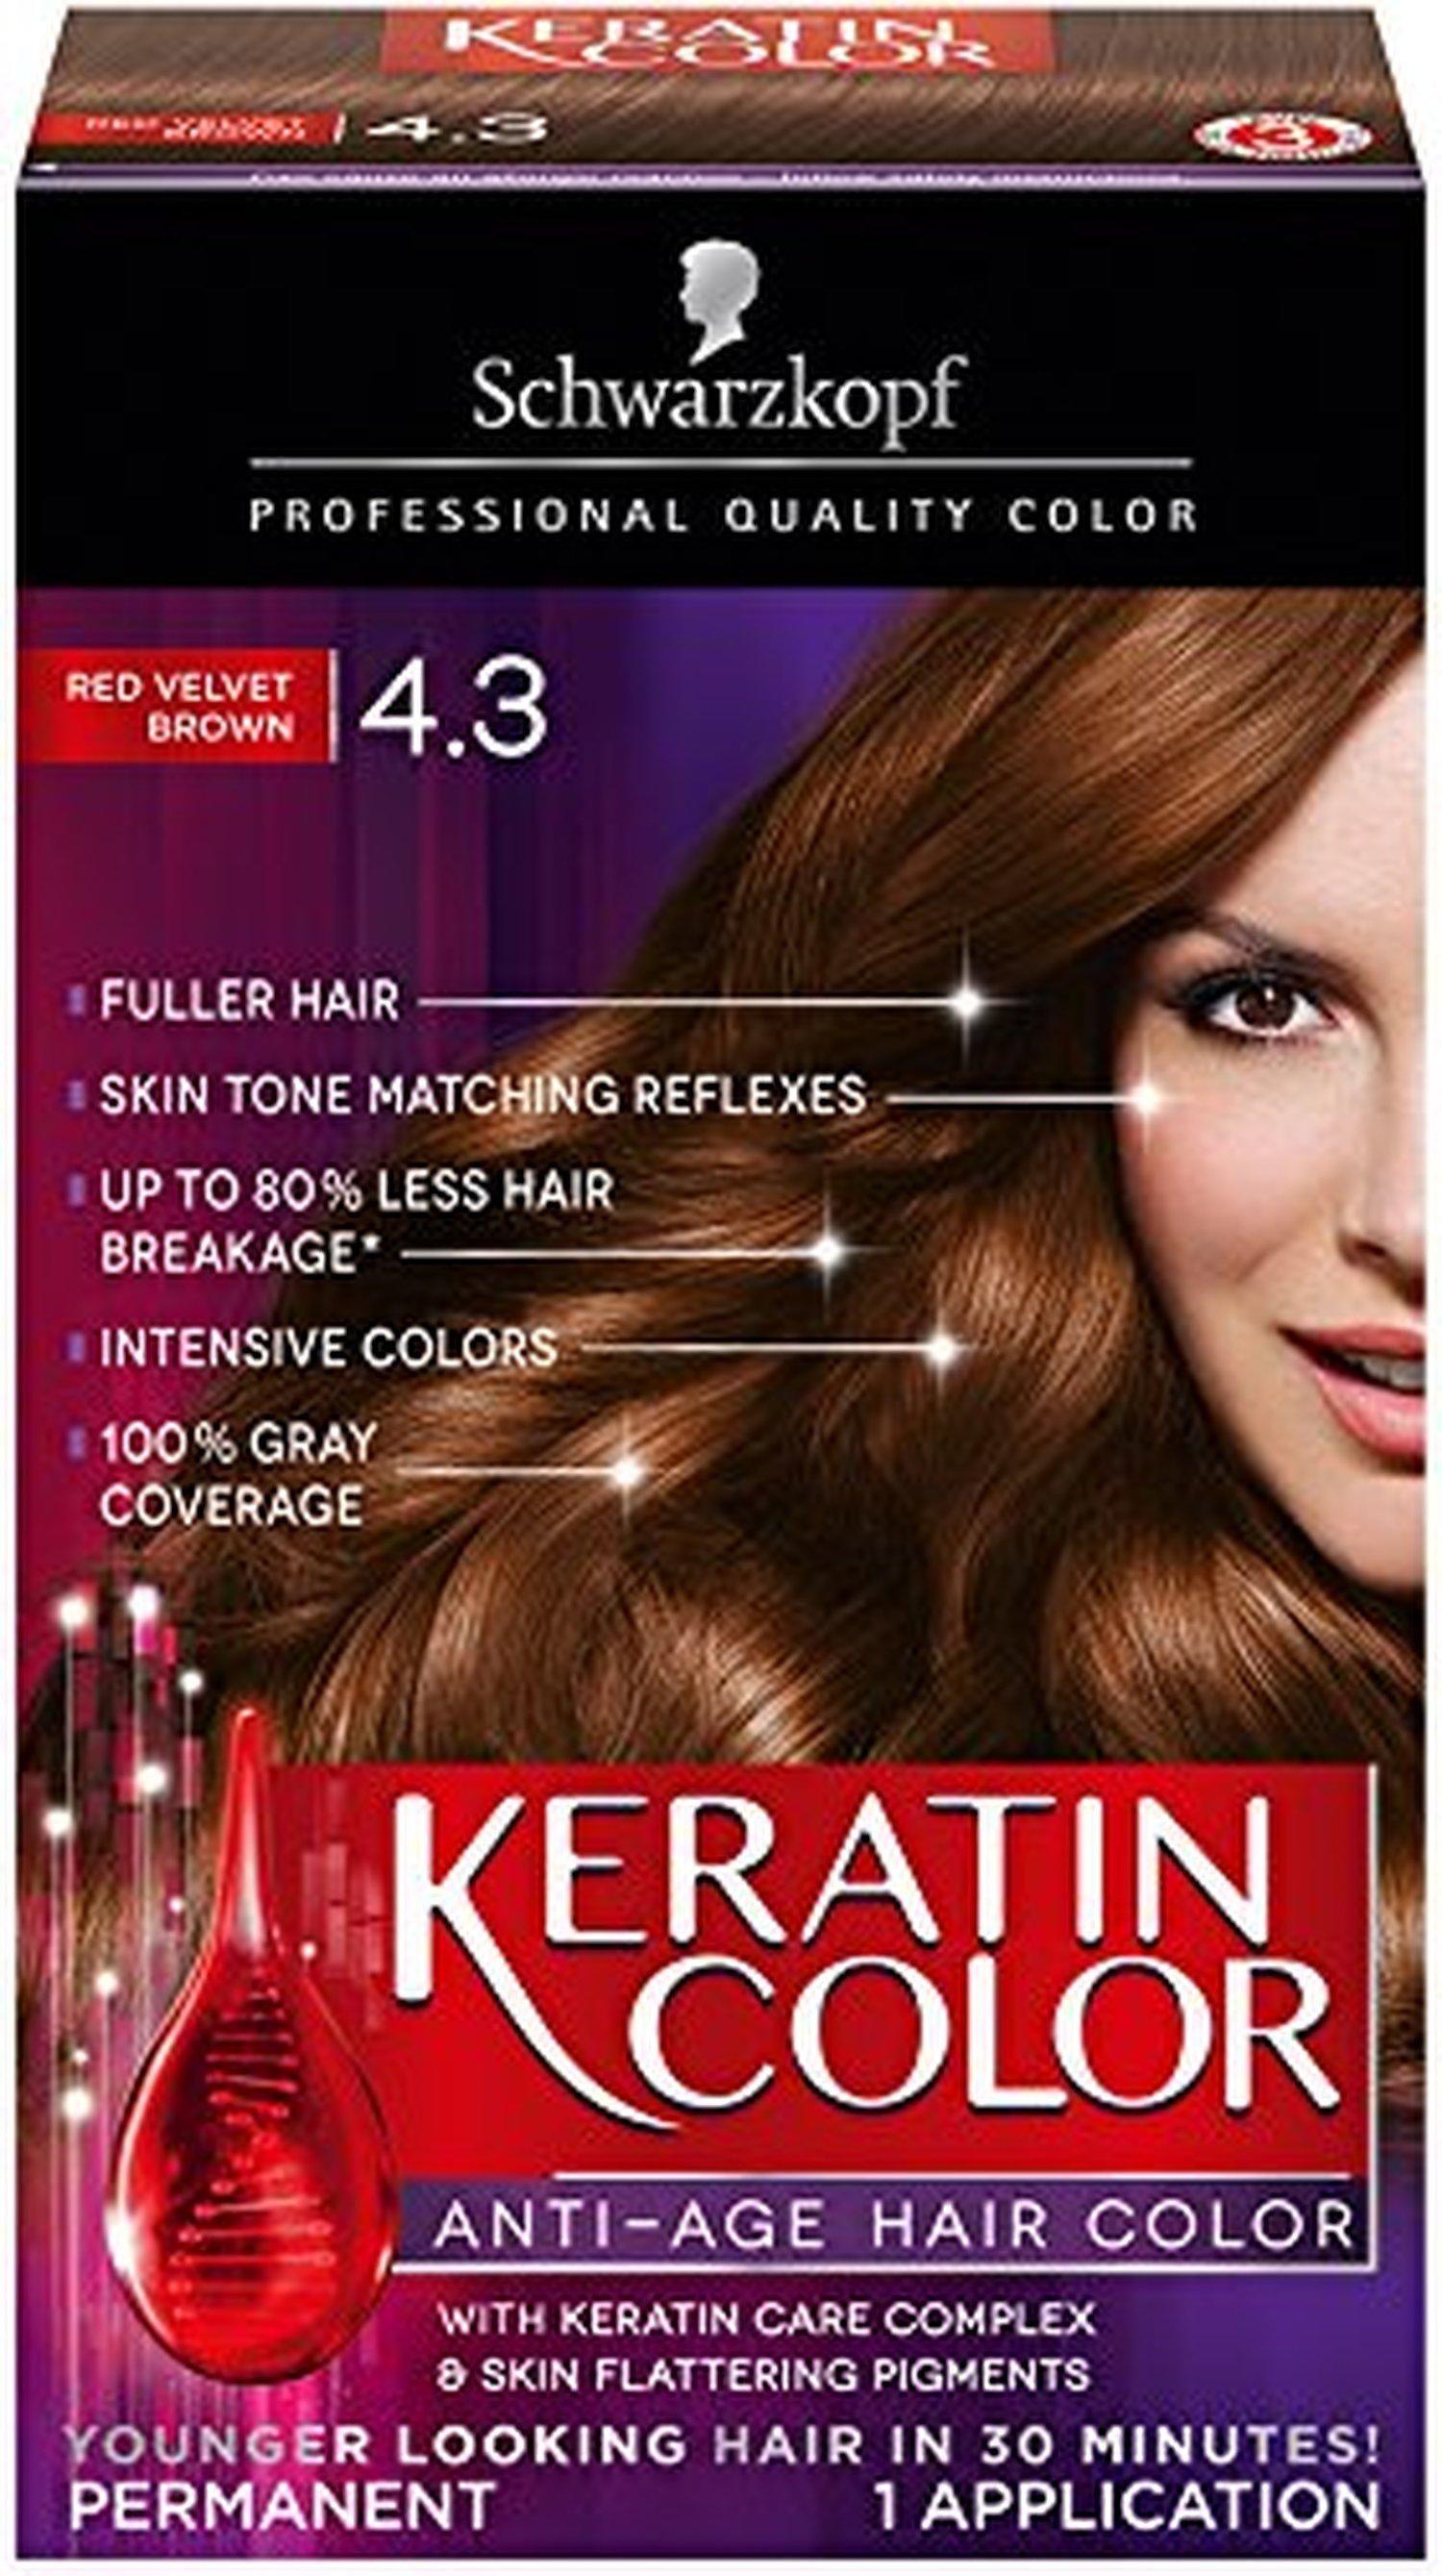 Schwarzkopf Keratin Hair Color Red Velvet Brown 43 203 Ounce